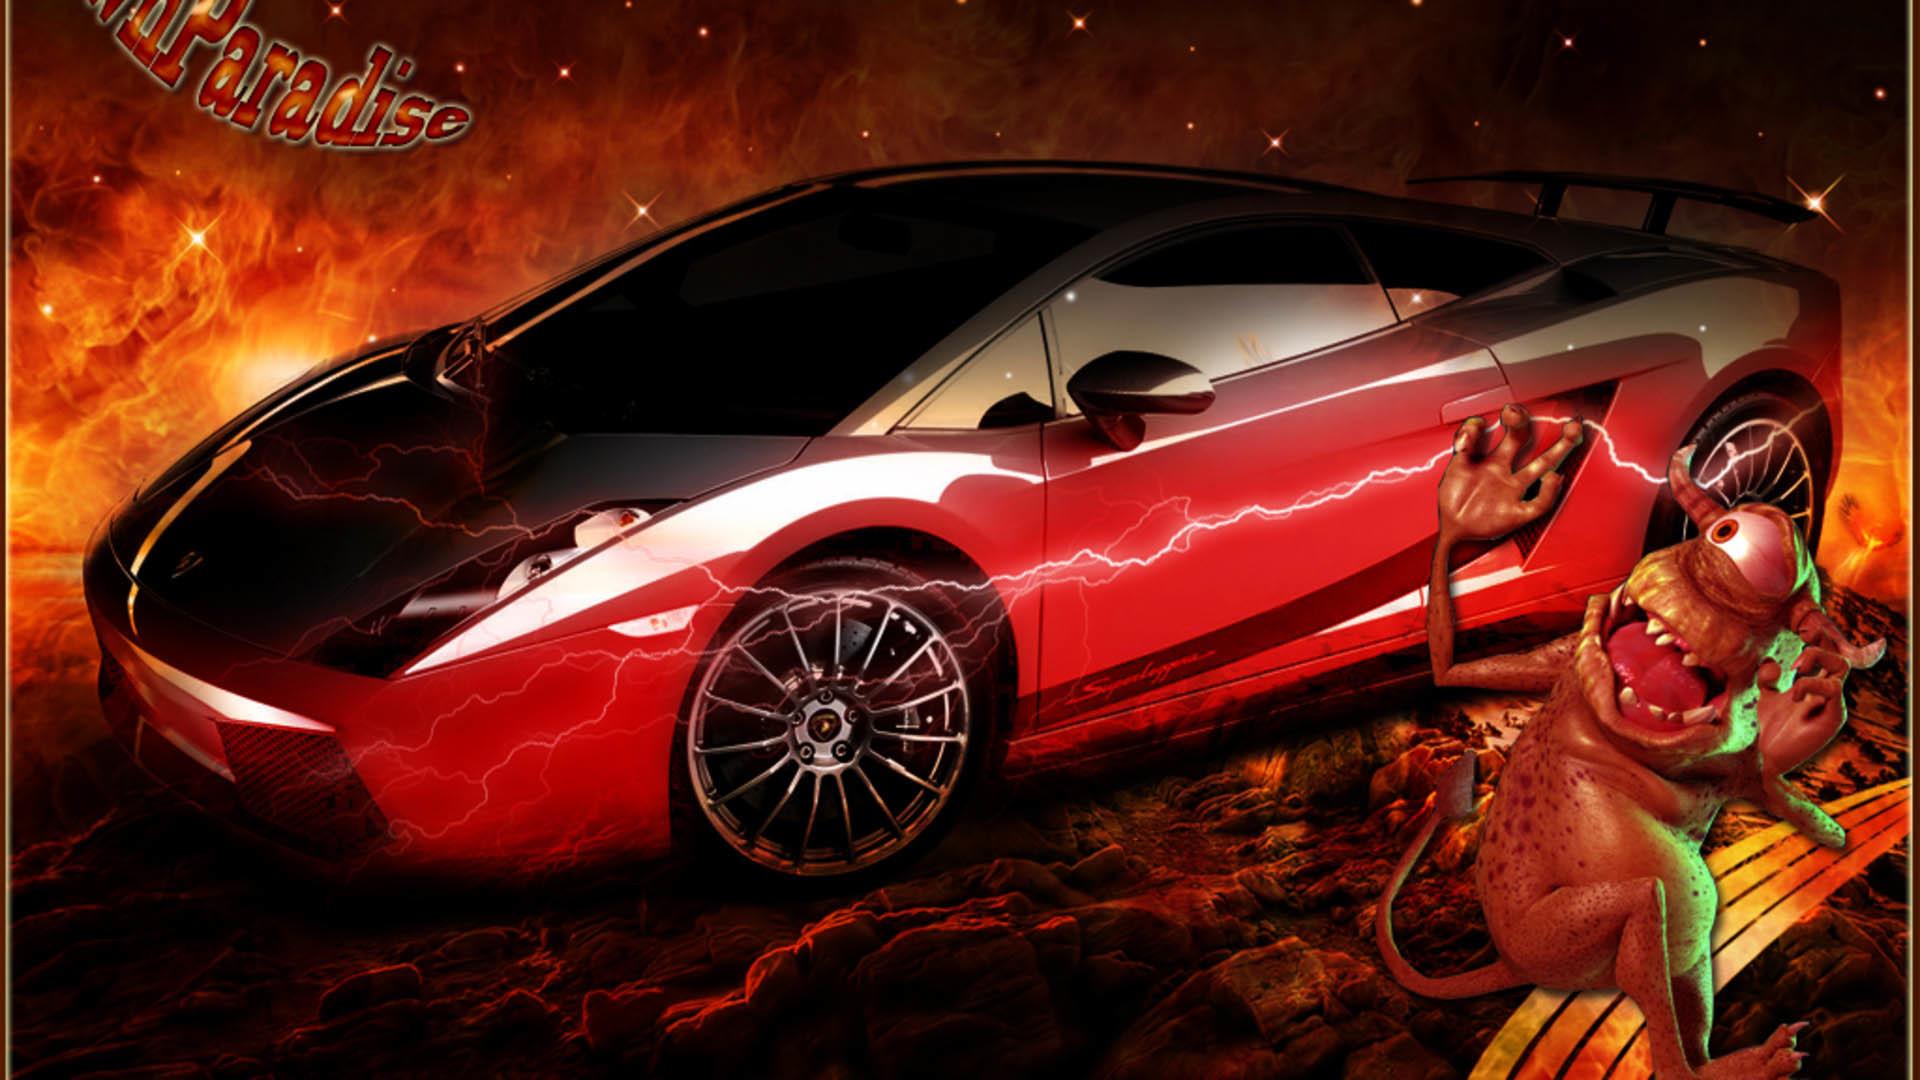 Res: 1920x1080, World Best Super Car Lamborghini Wallpaper 7 SA Wallpapers